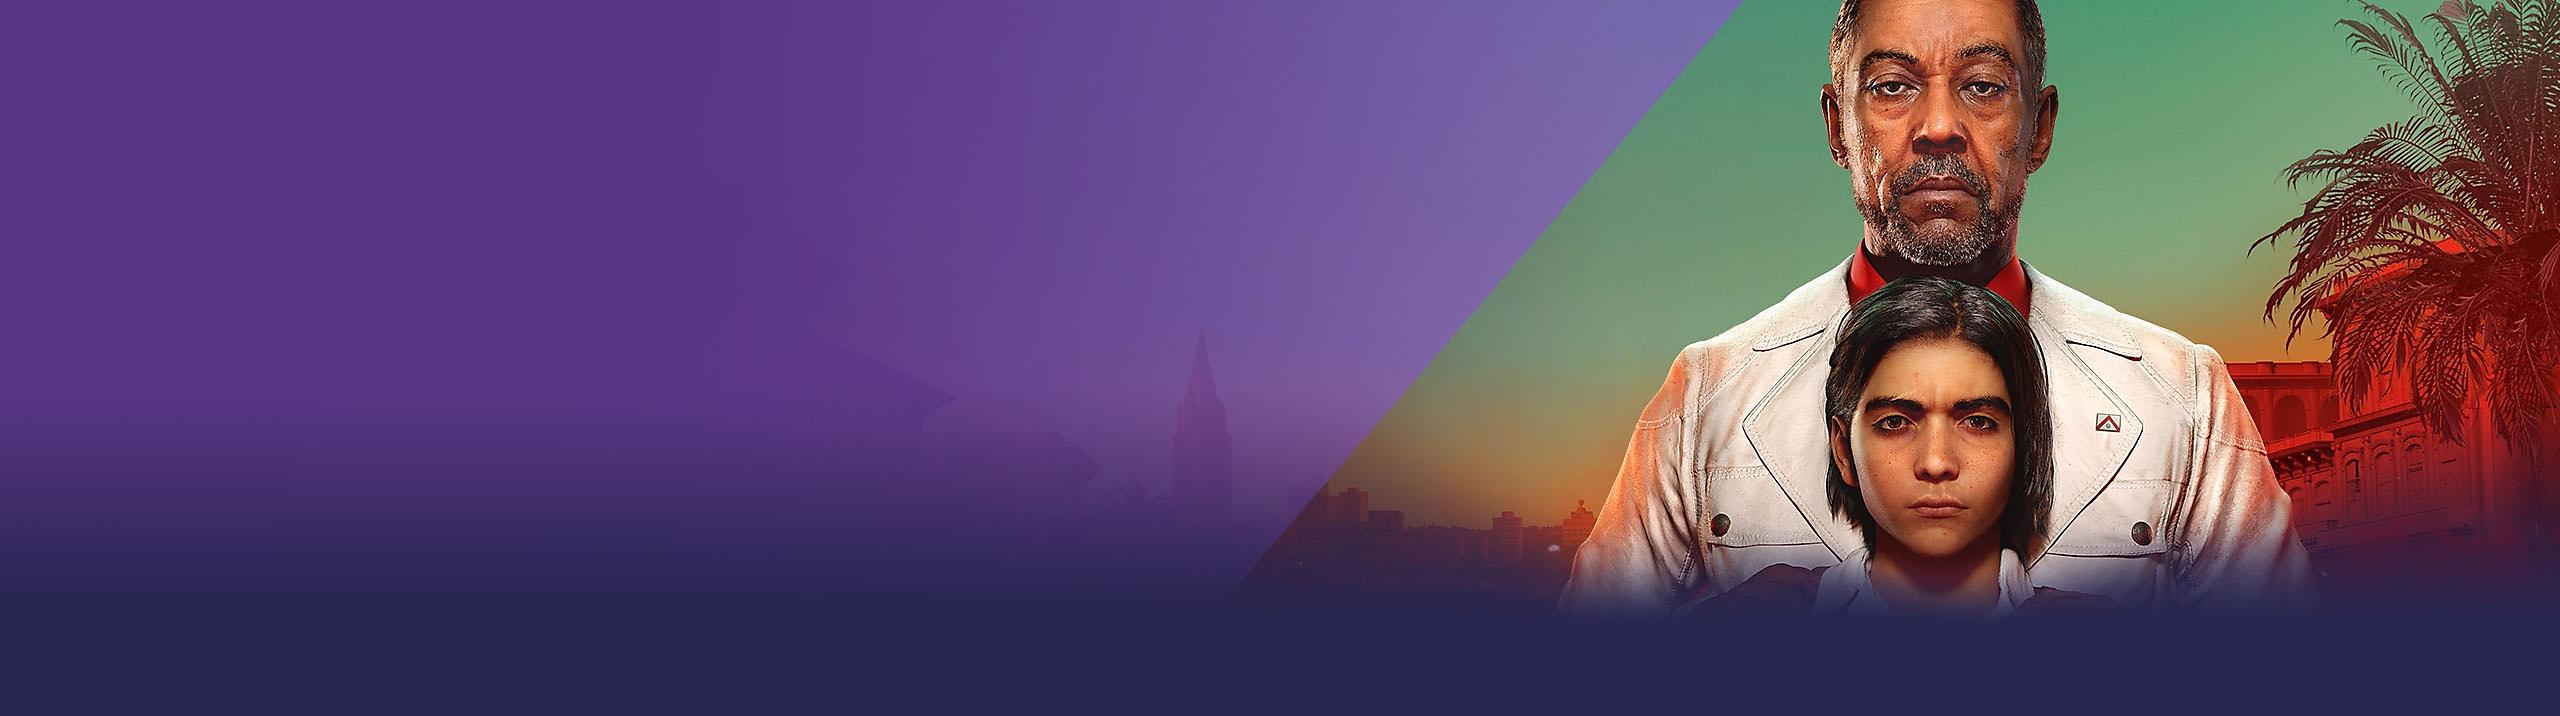 今月のPlayStation プロモーションアートワーク